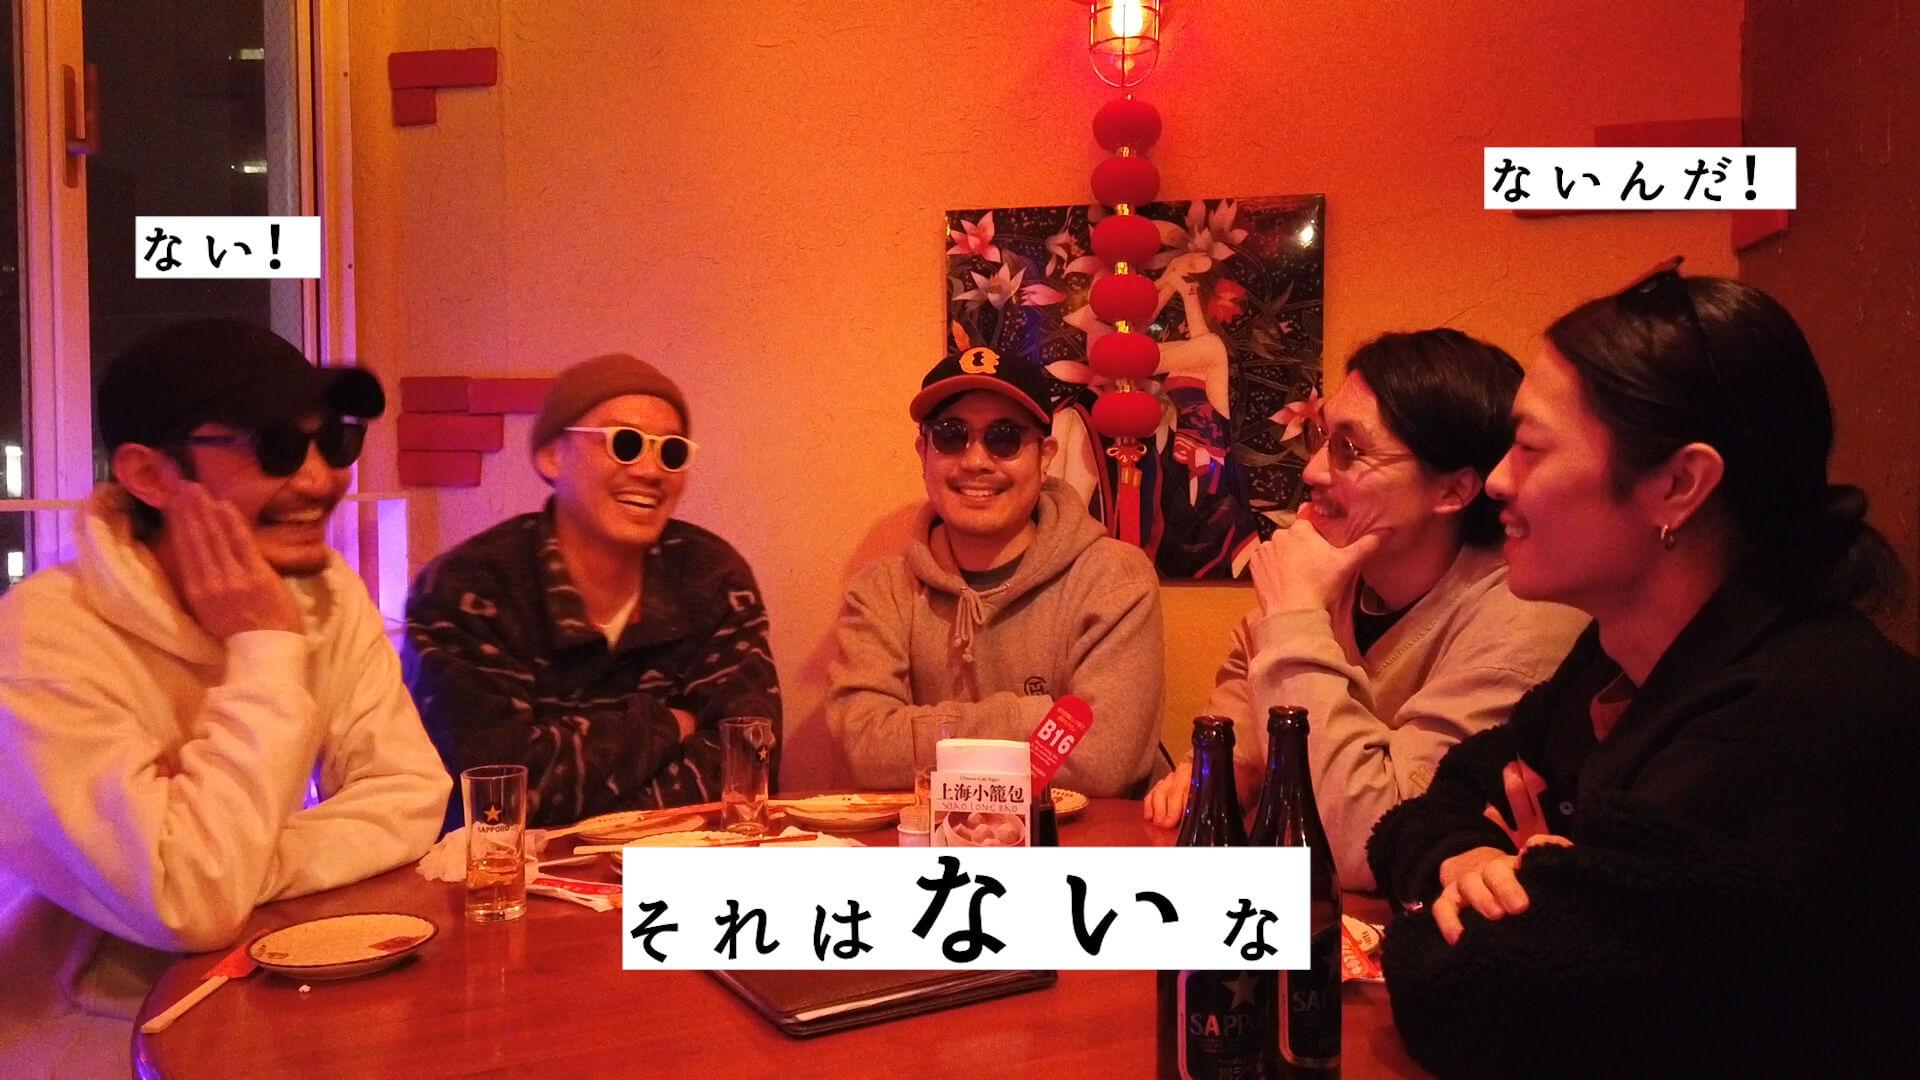 フッドめし - HoodFood #07 TOKYO HEALTH CLUB × Kick a Show video200321_hoodfood7_2